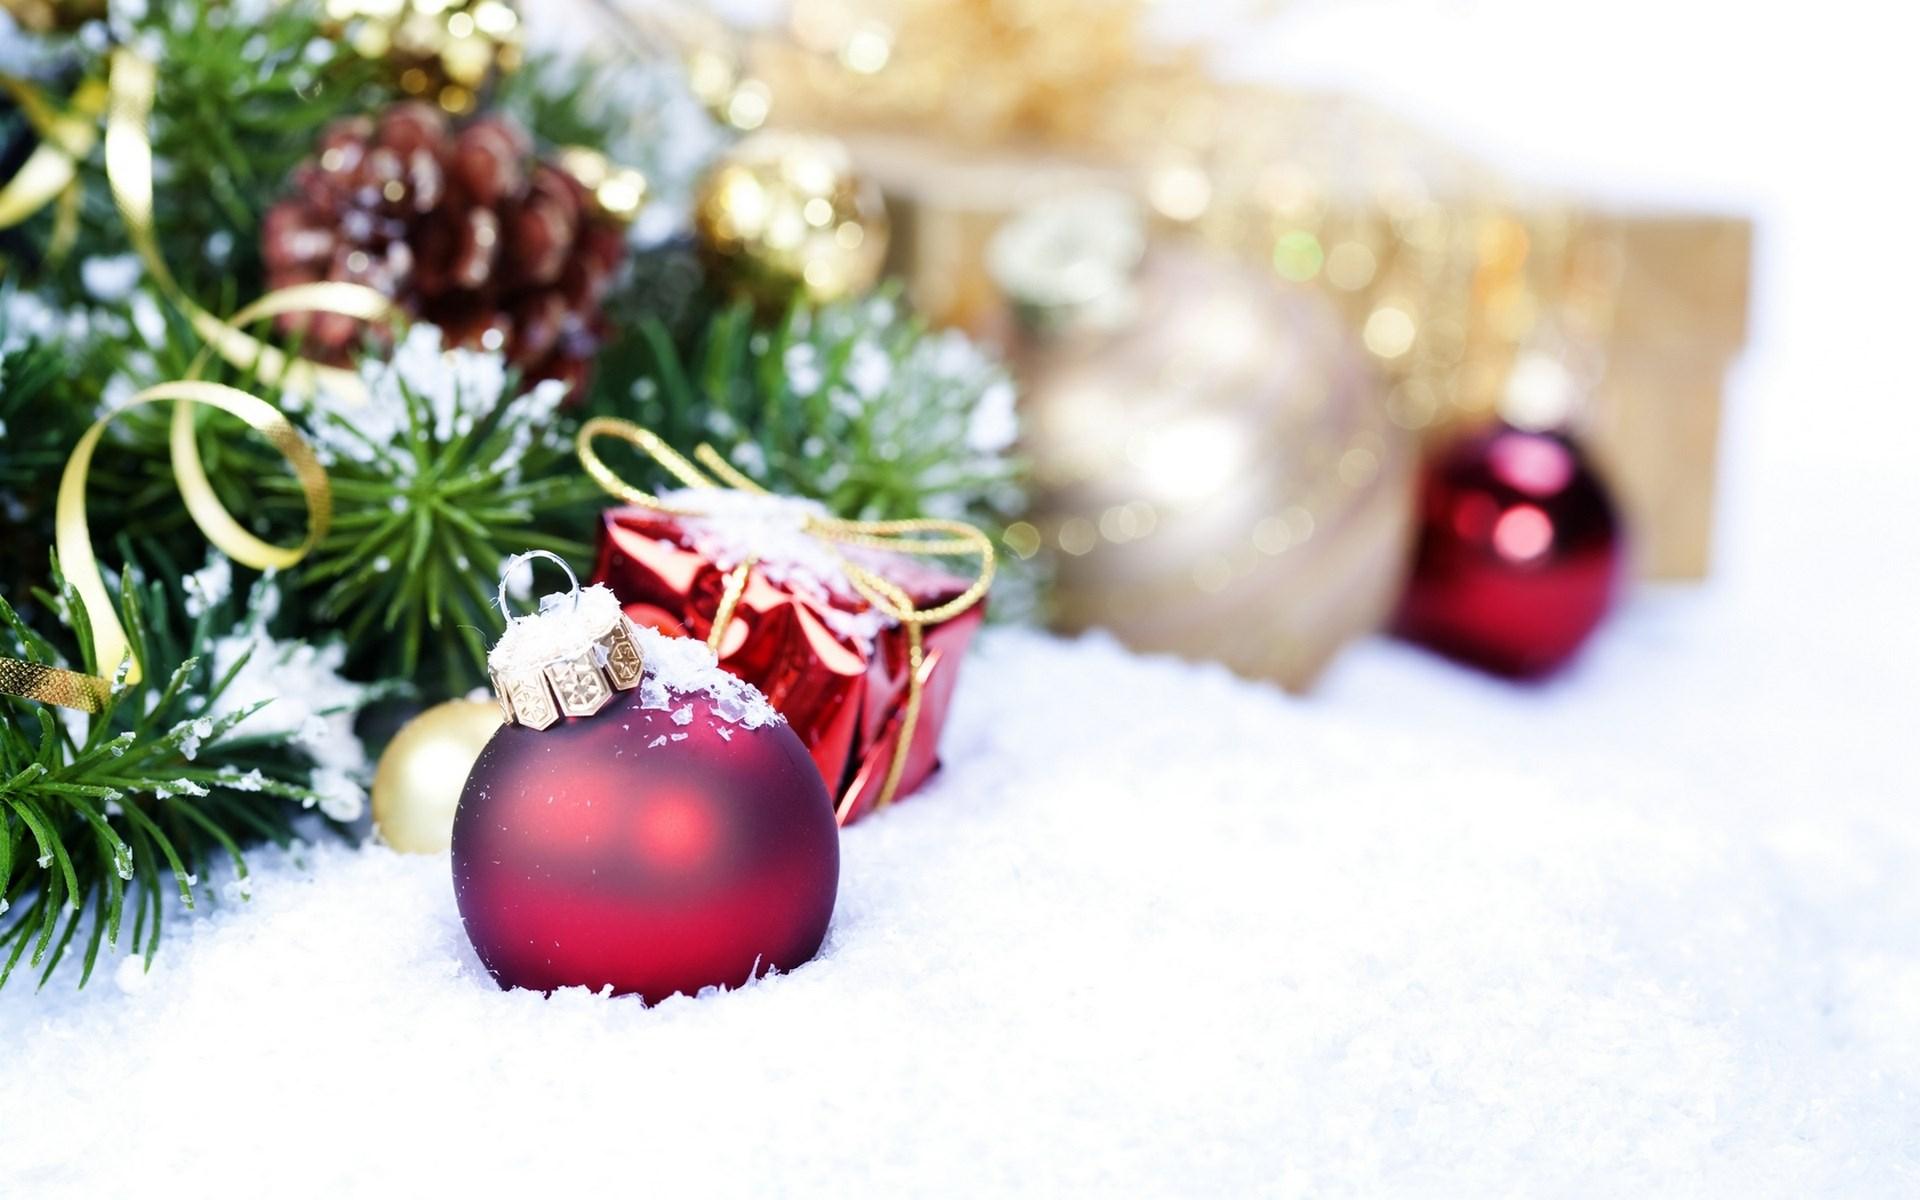 Новогодние Картинки На Рабочий Стол Снег